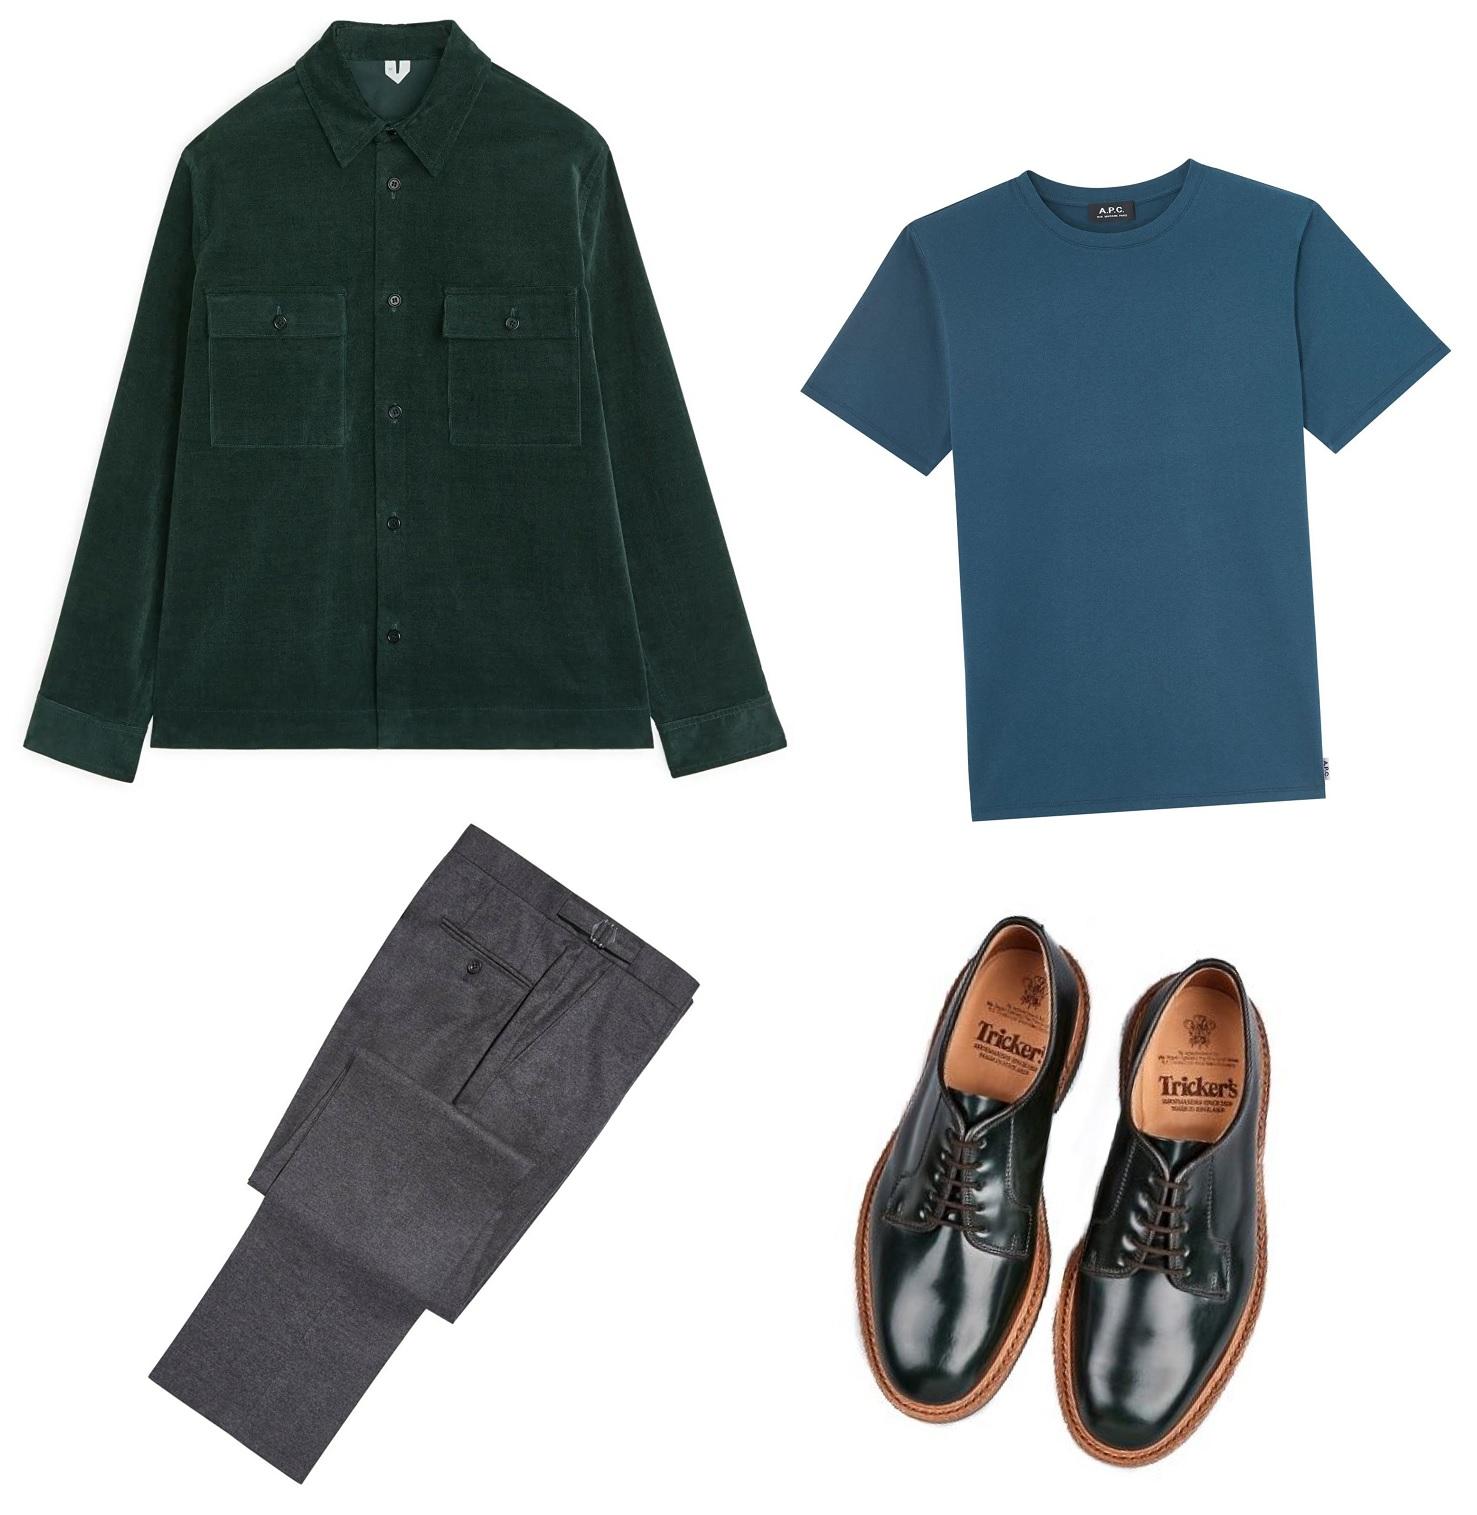 overskjorte overshirt outfit til mænd